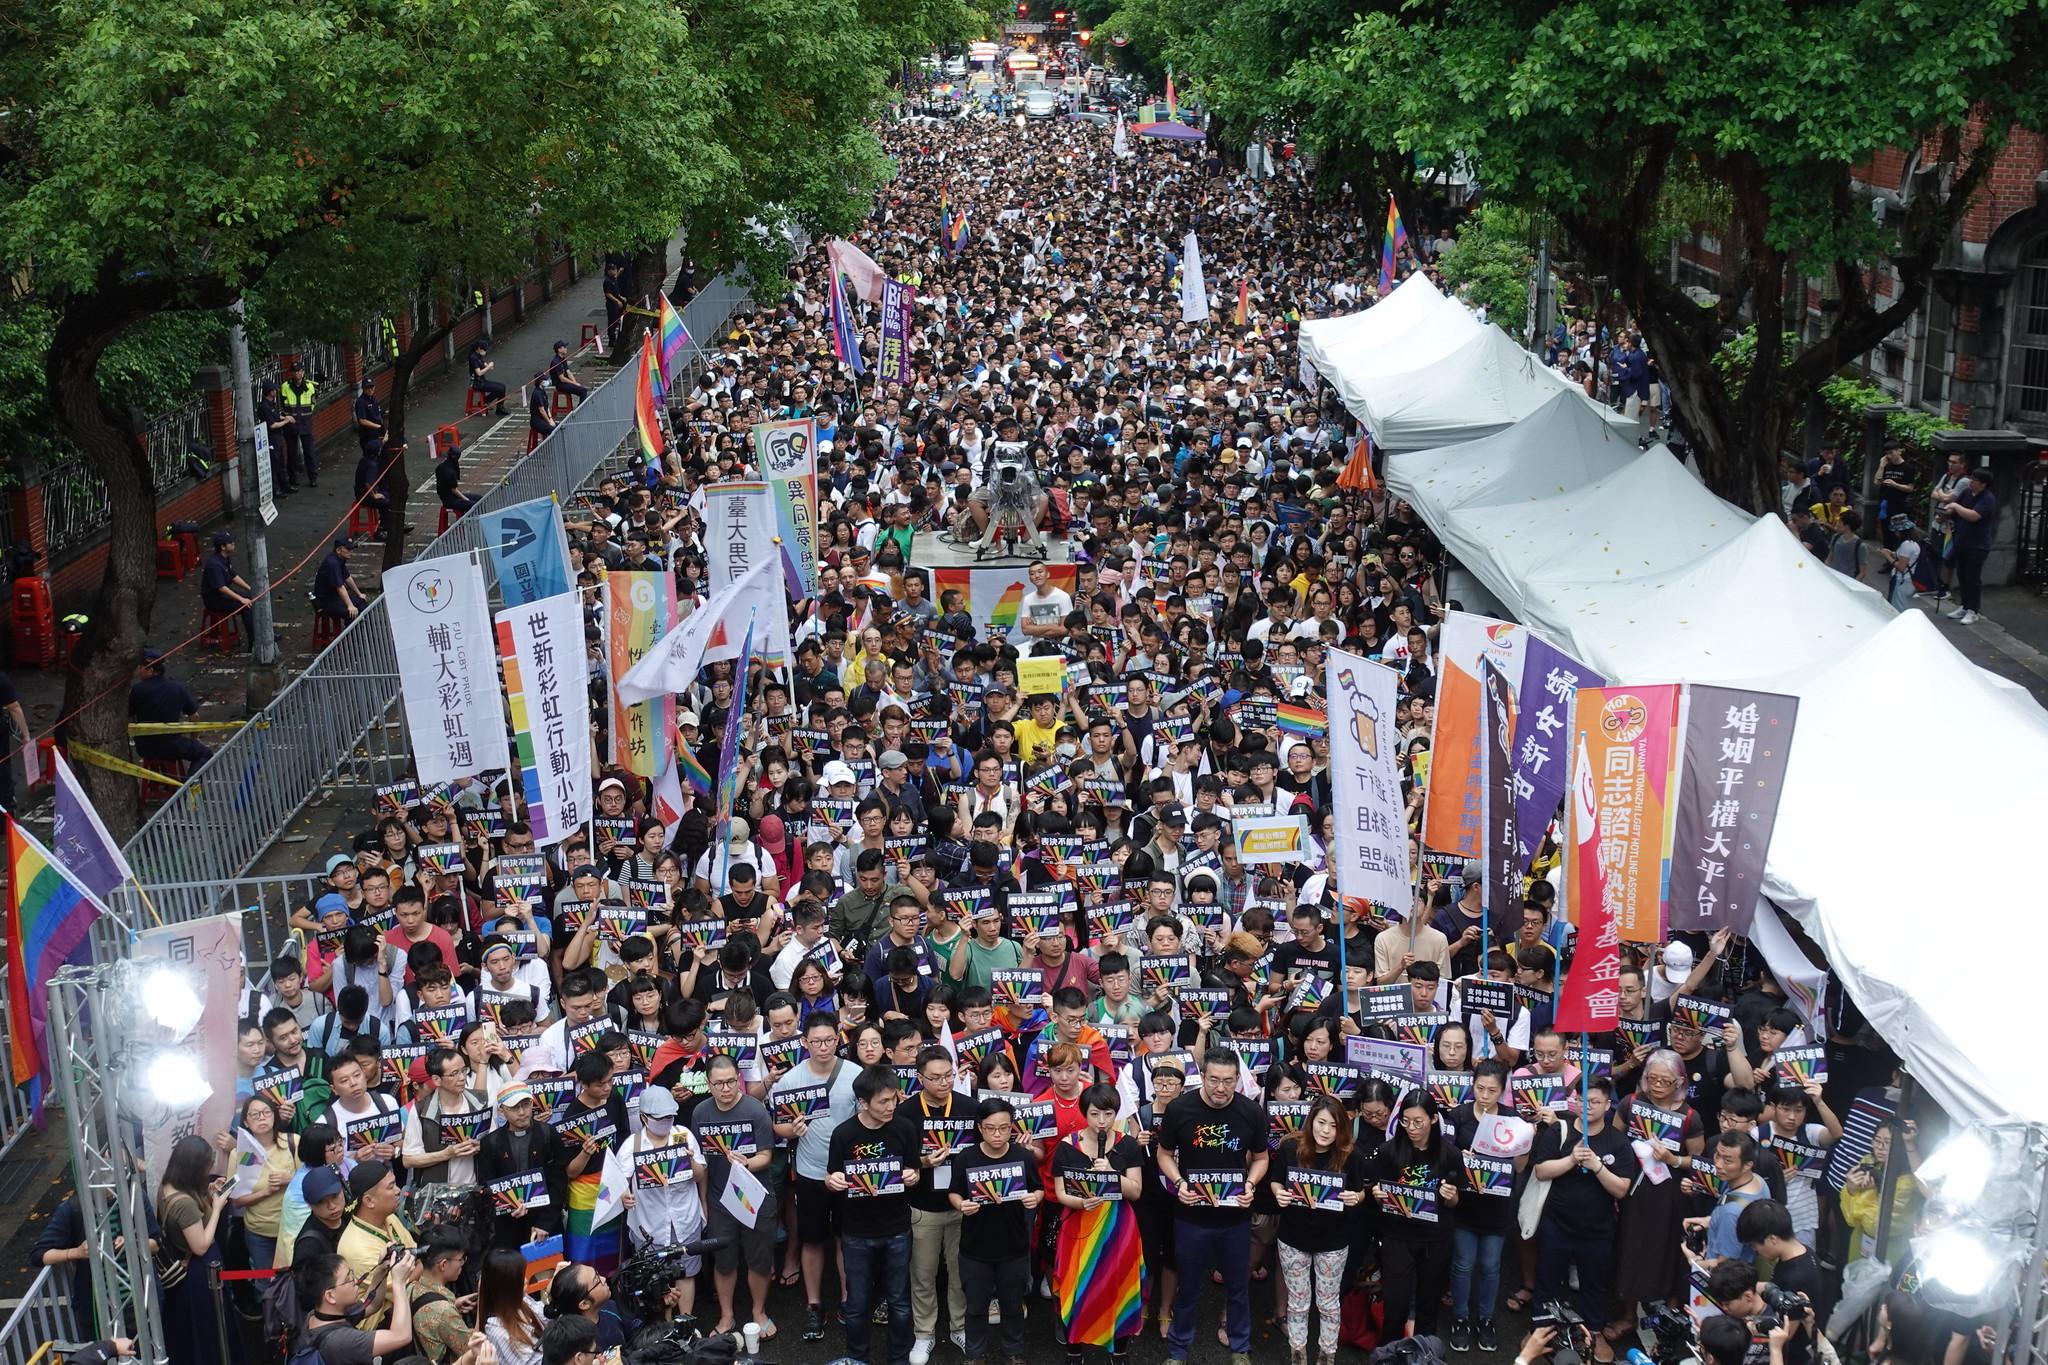 今日有上萬人聚集在立院外守候。(攝影:張智琦)